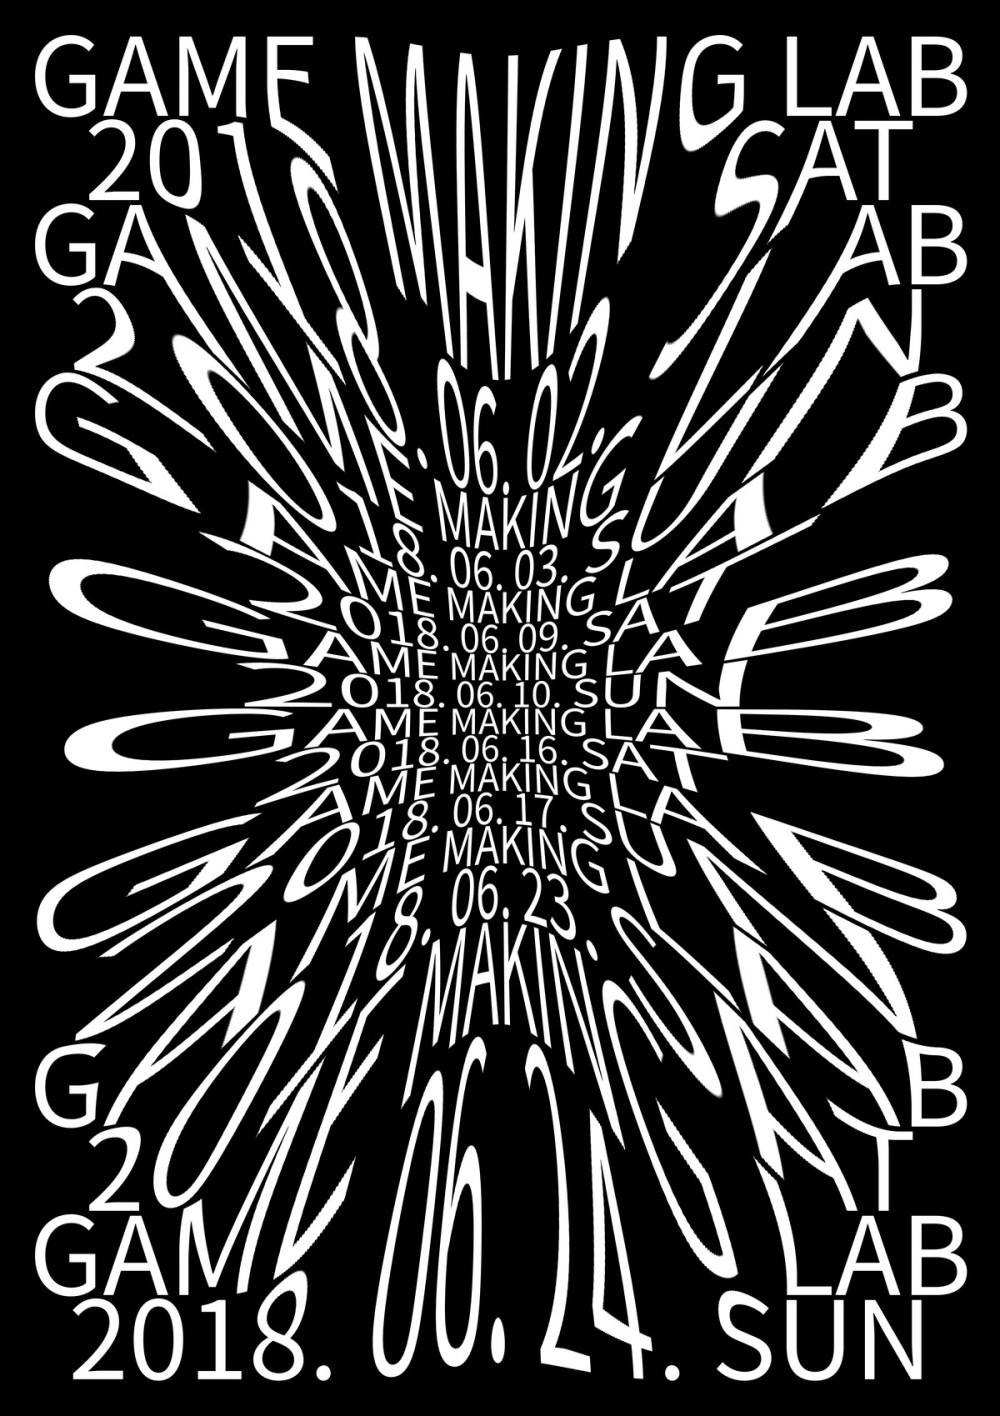 180509_game-making-lab_black_4.jpg